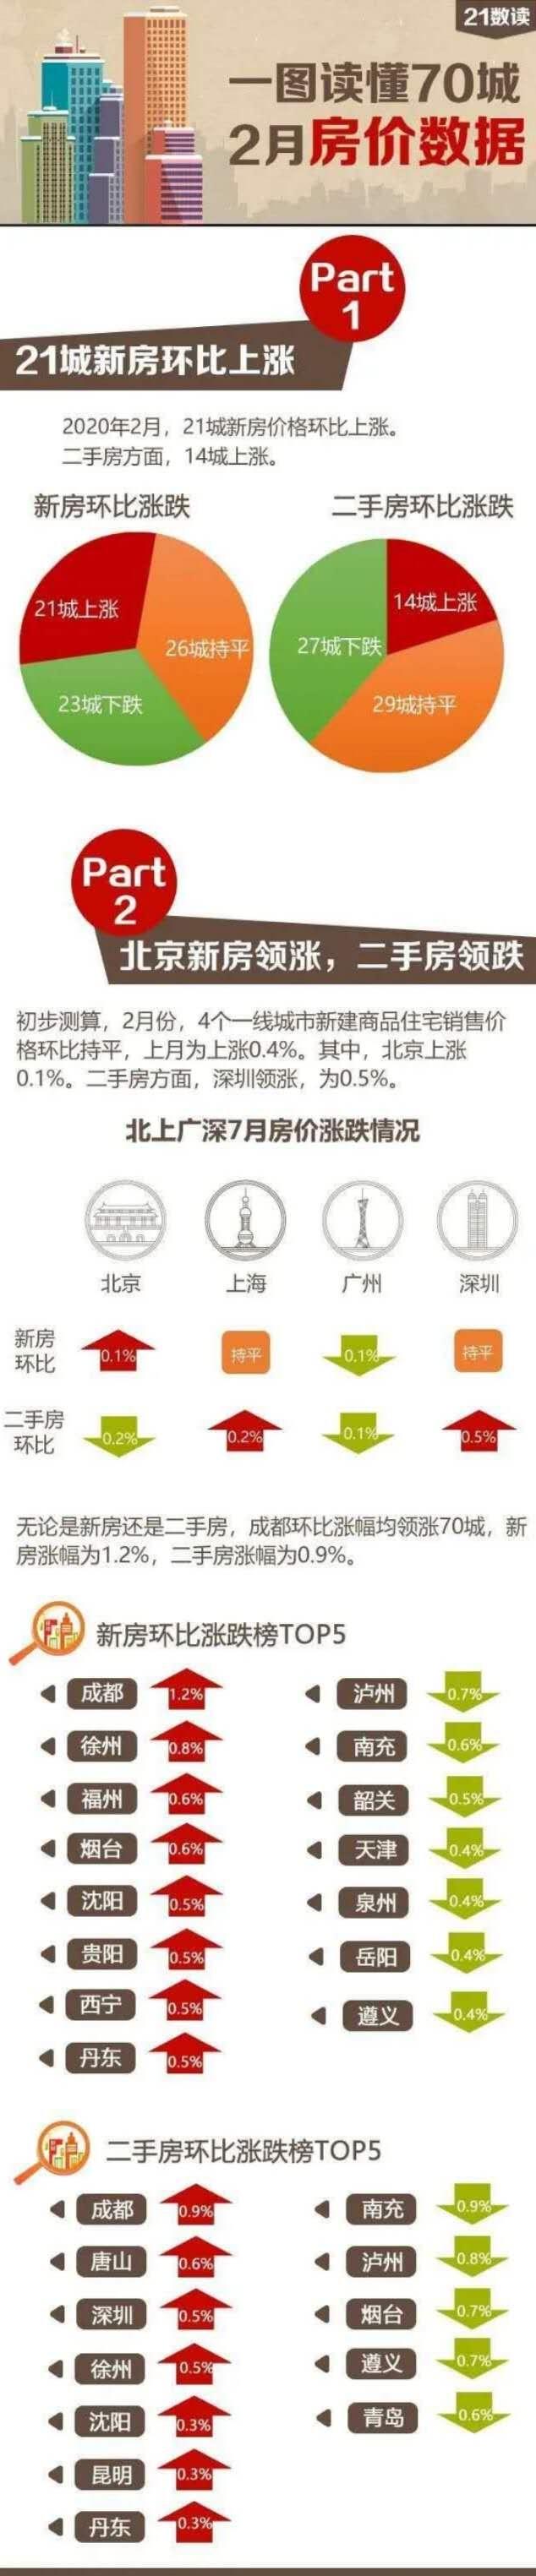 70城市房价发布!23个城市价格下跌,12个城市没有成交。广州新房和二手房均下跌